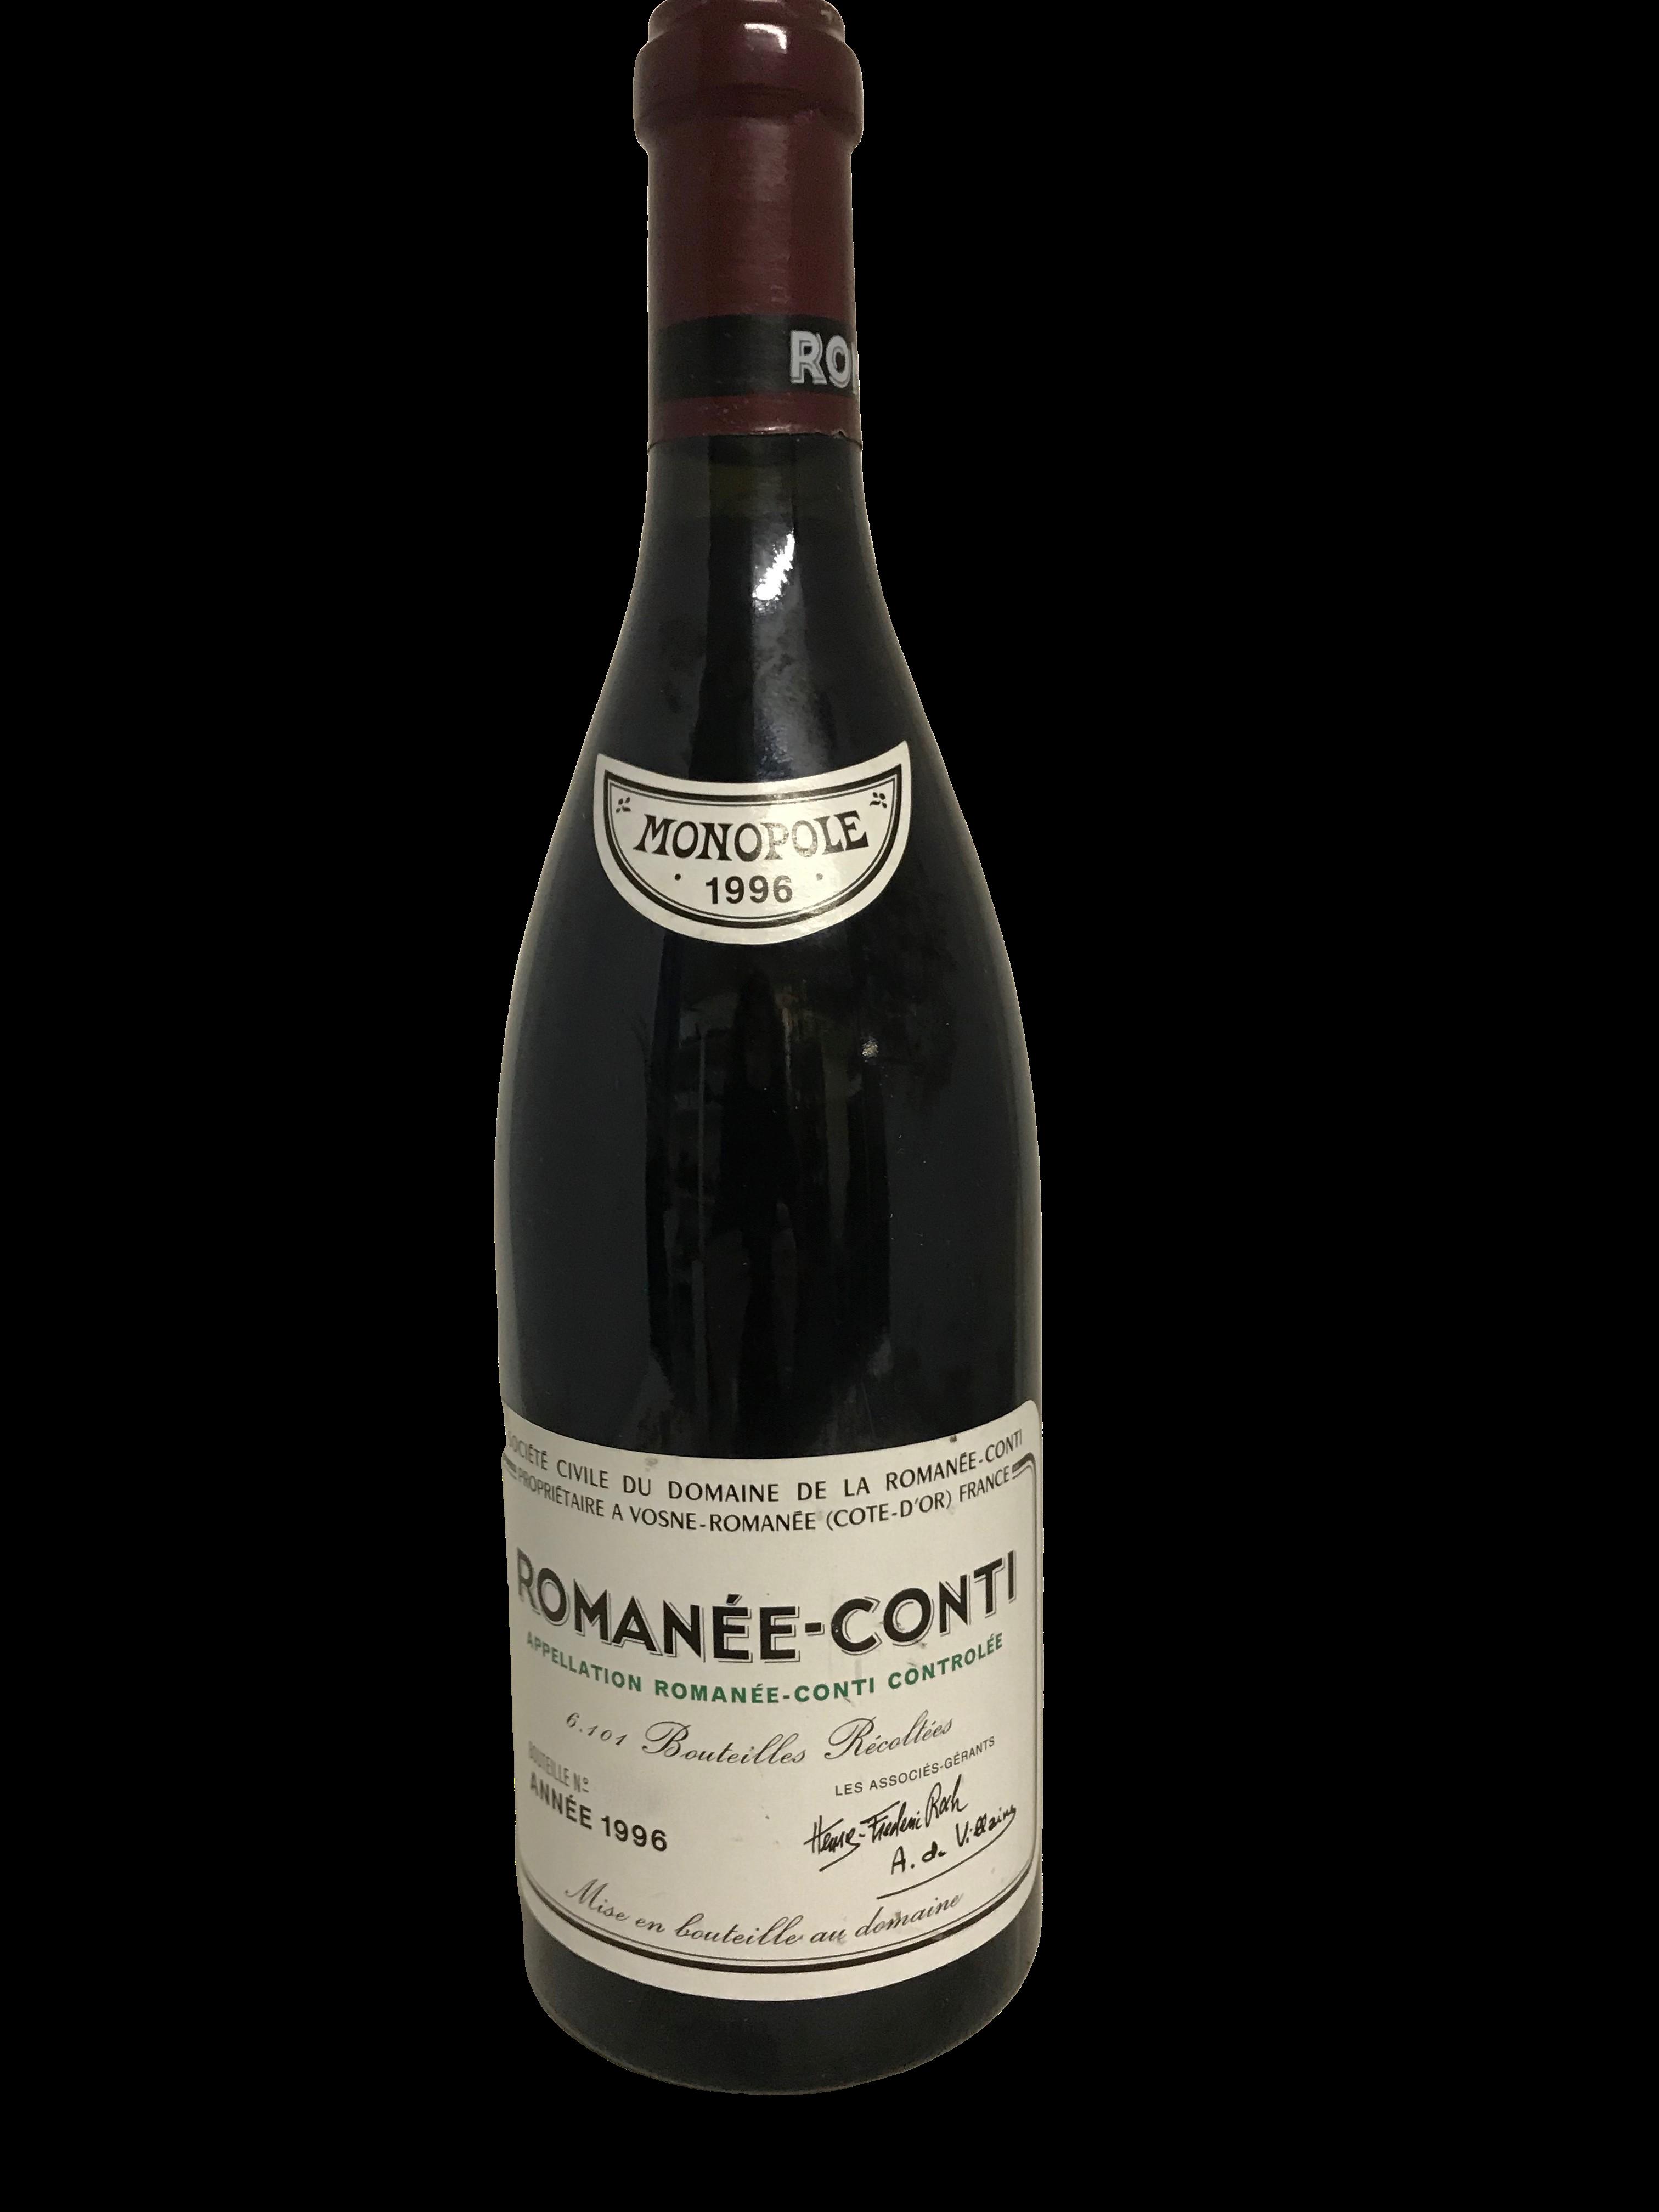 Domaine de la Romanée-Conti (DRC) – Romanée-Conti 1996